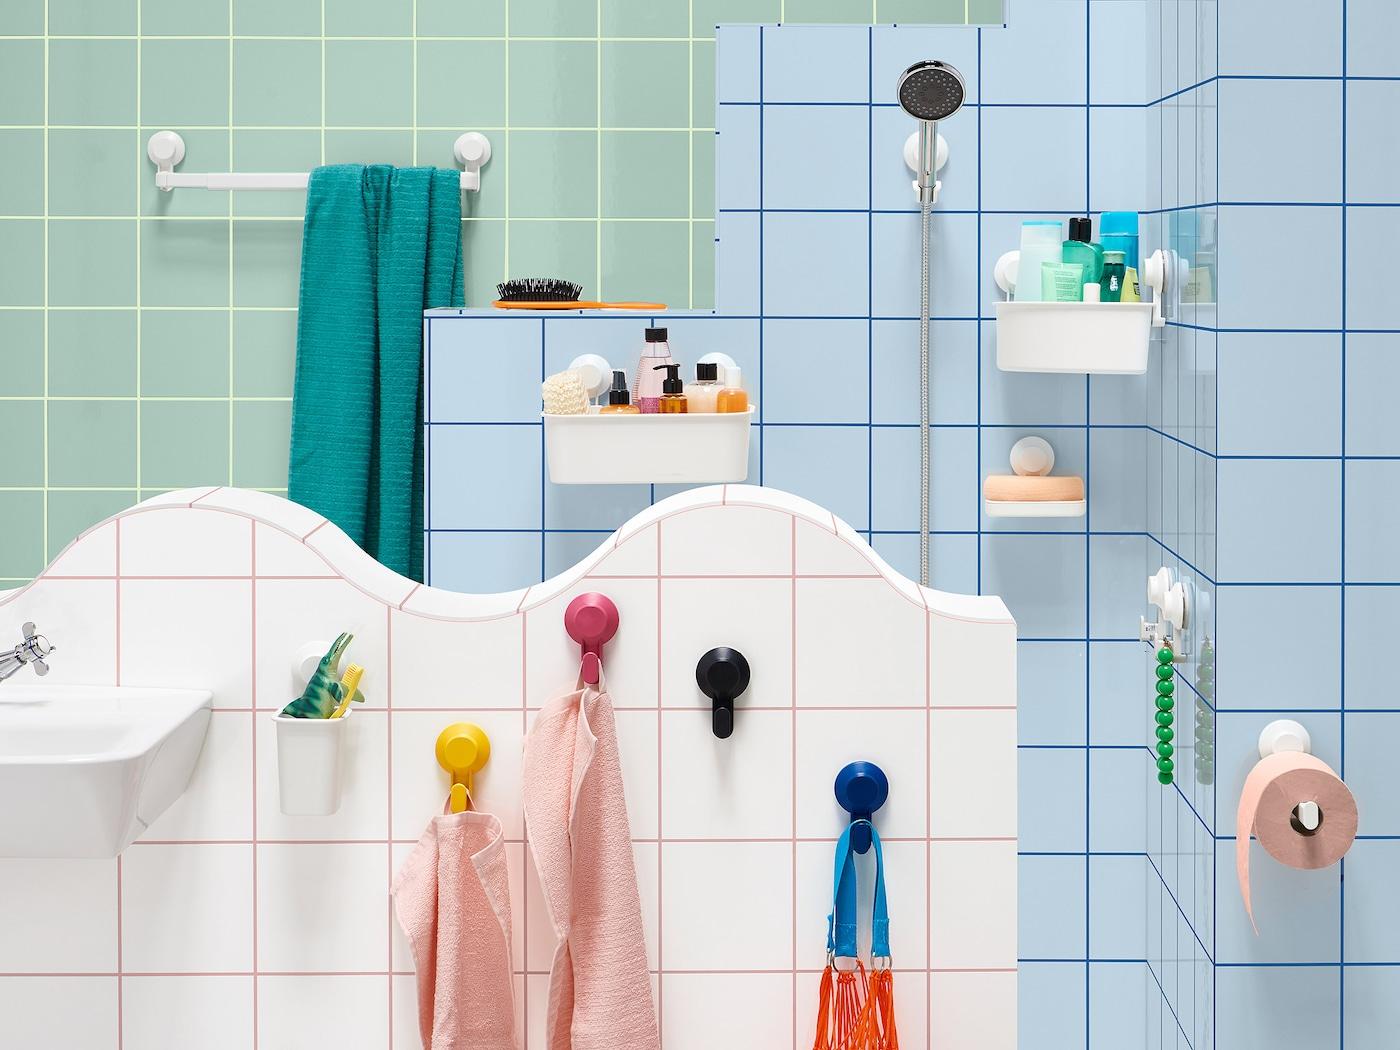 Tegelmuur waarop stukken uit de TISKEN badkamerserie met zuignappen prijken: haken, mandjes en een tandenborstel- en wc-rolhouder.